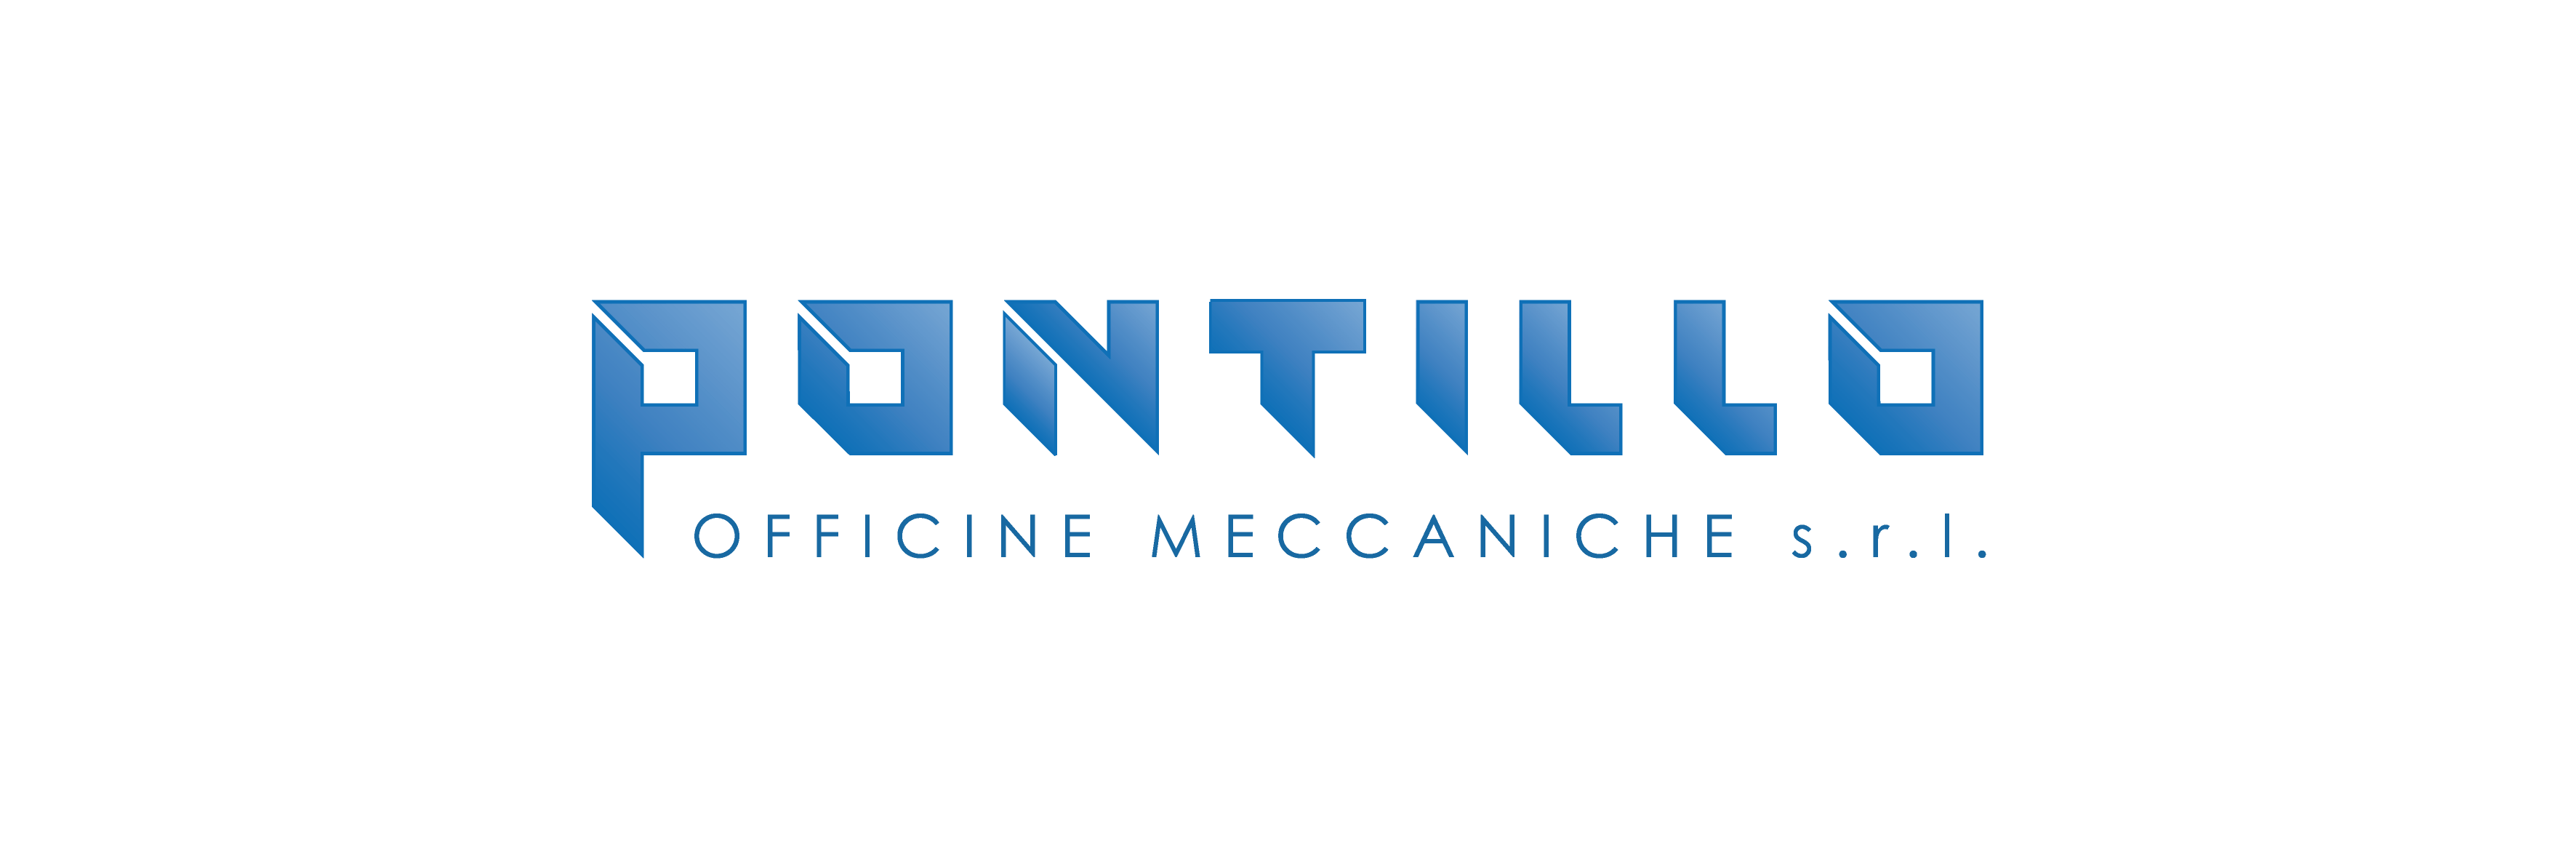 Pontillo Officine Meccaniche